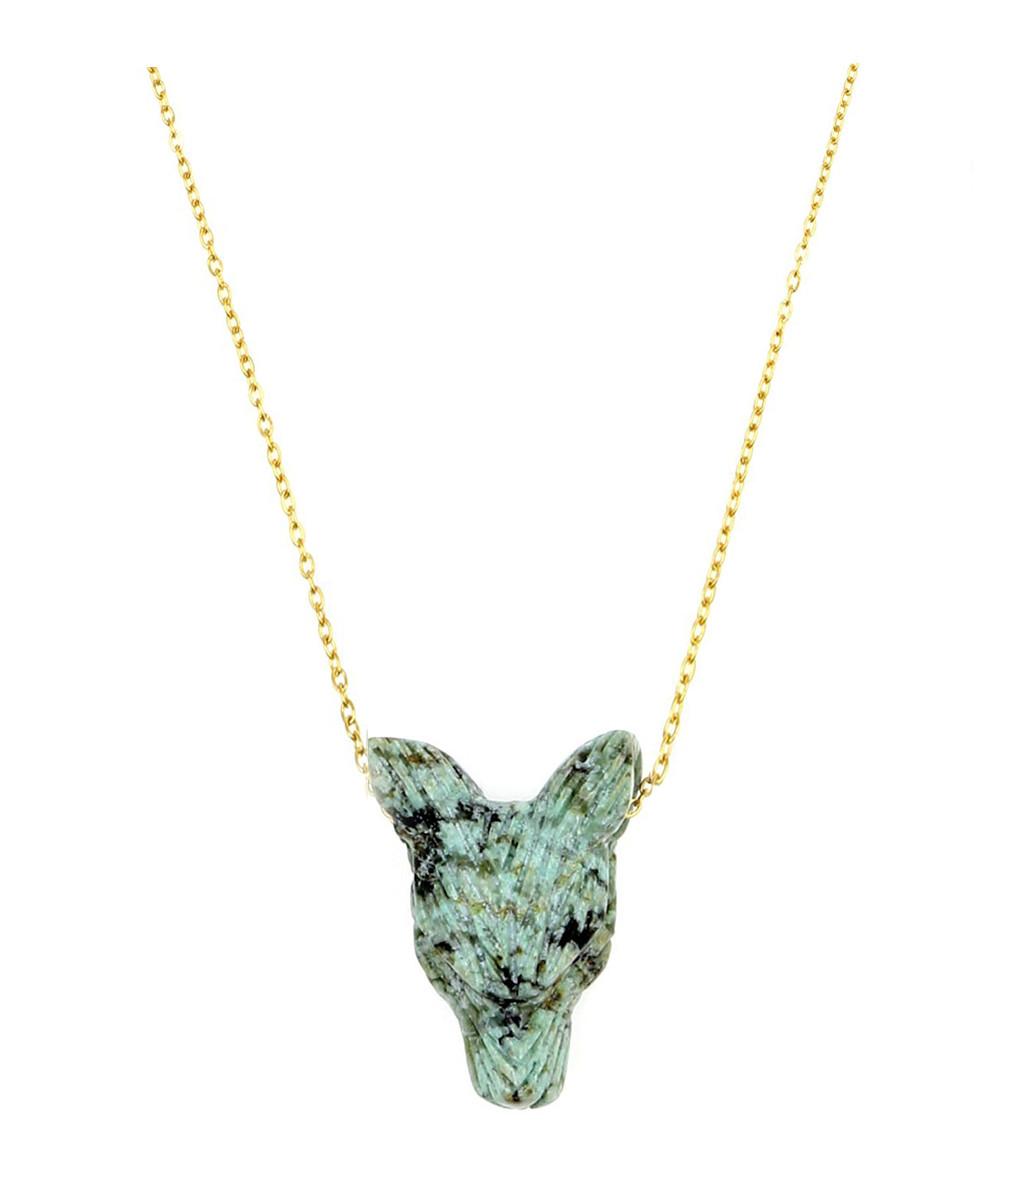 MON PRECIEUX GEM - Collier Loup S Turquoise Vert